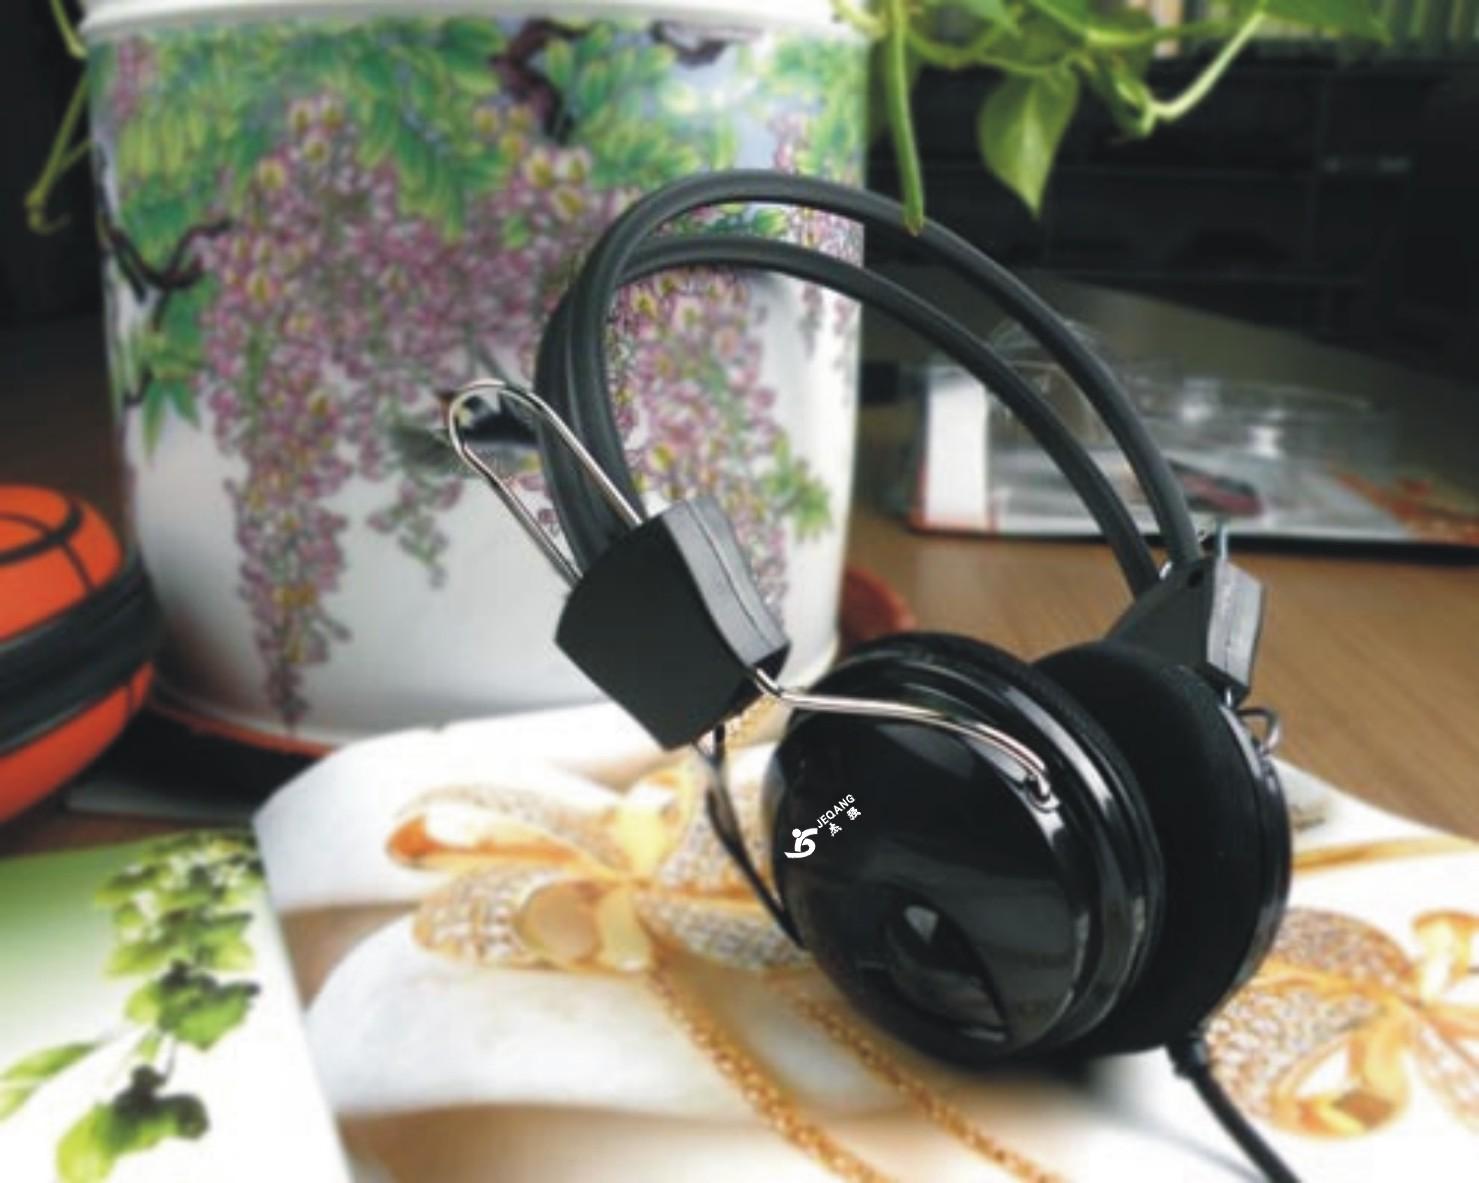 杰强 808耳机 黑色骗织线  抗暴力 适合网吧配机用 电脑配件批发